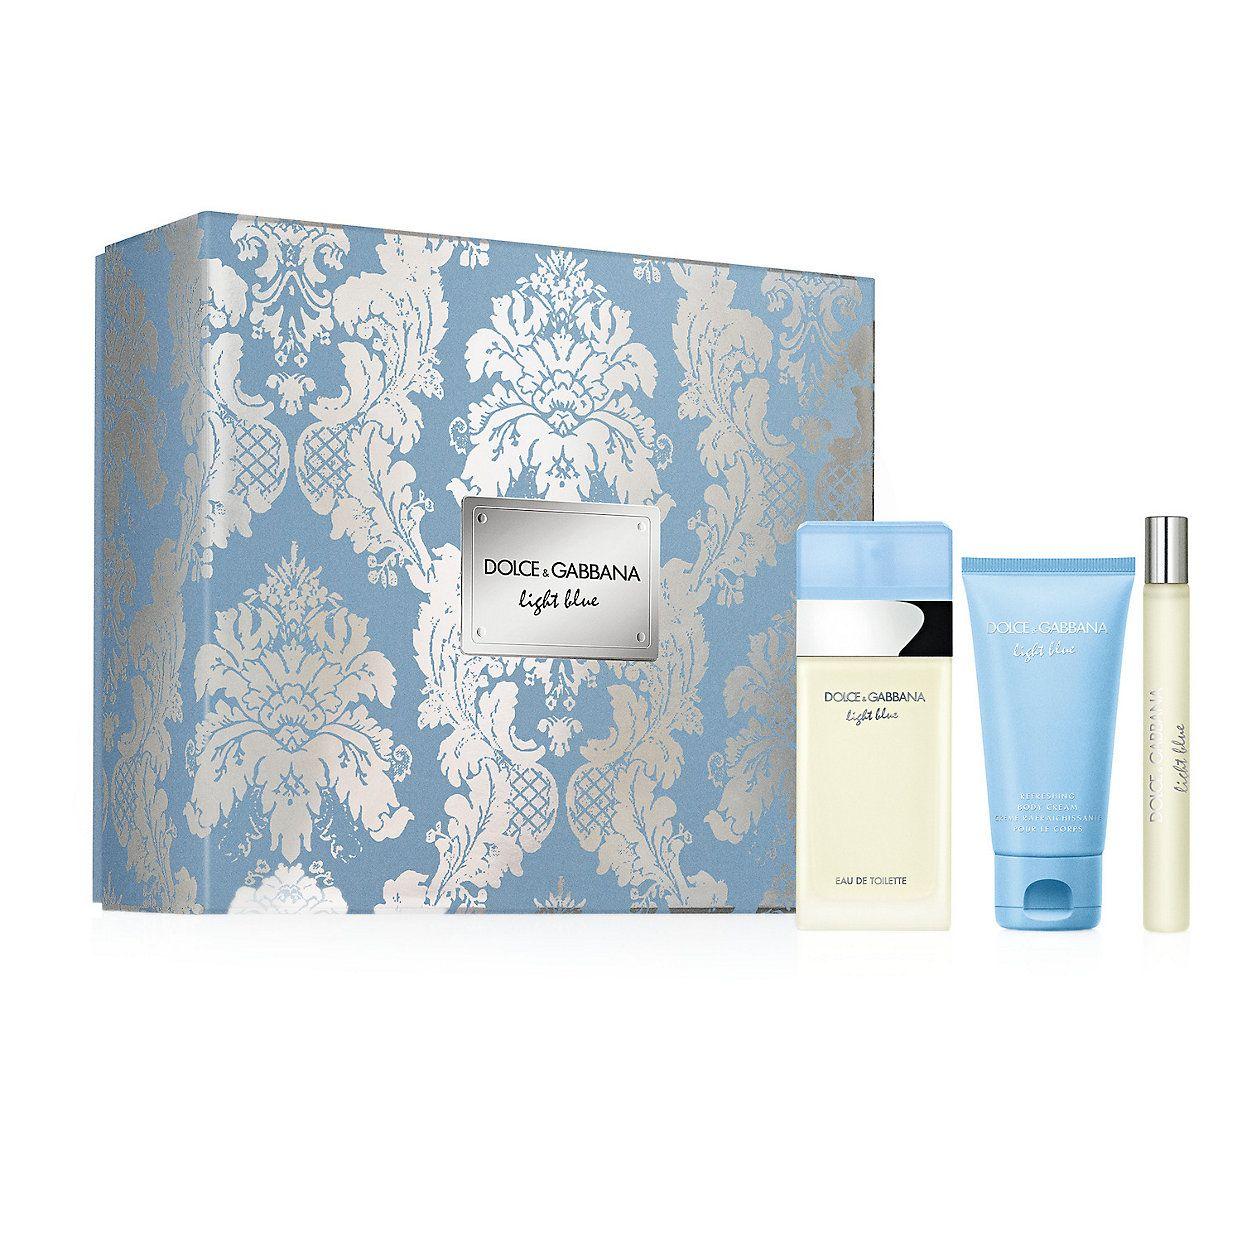 Dolce Gabbana Light Blue Trio Set Women S Perfume Eau De Toilette 123 Value Dolce And Gabbana Perfume Dolce And Gabbana Women Perfume